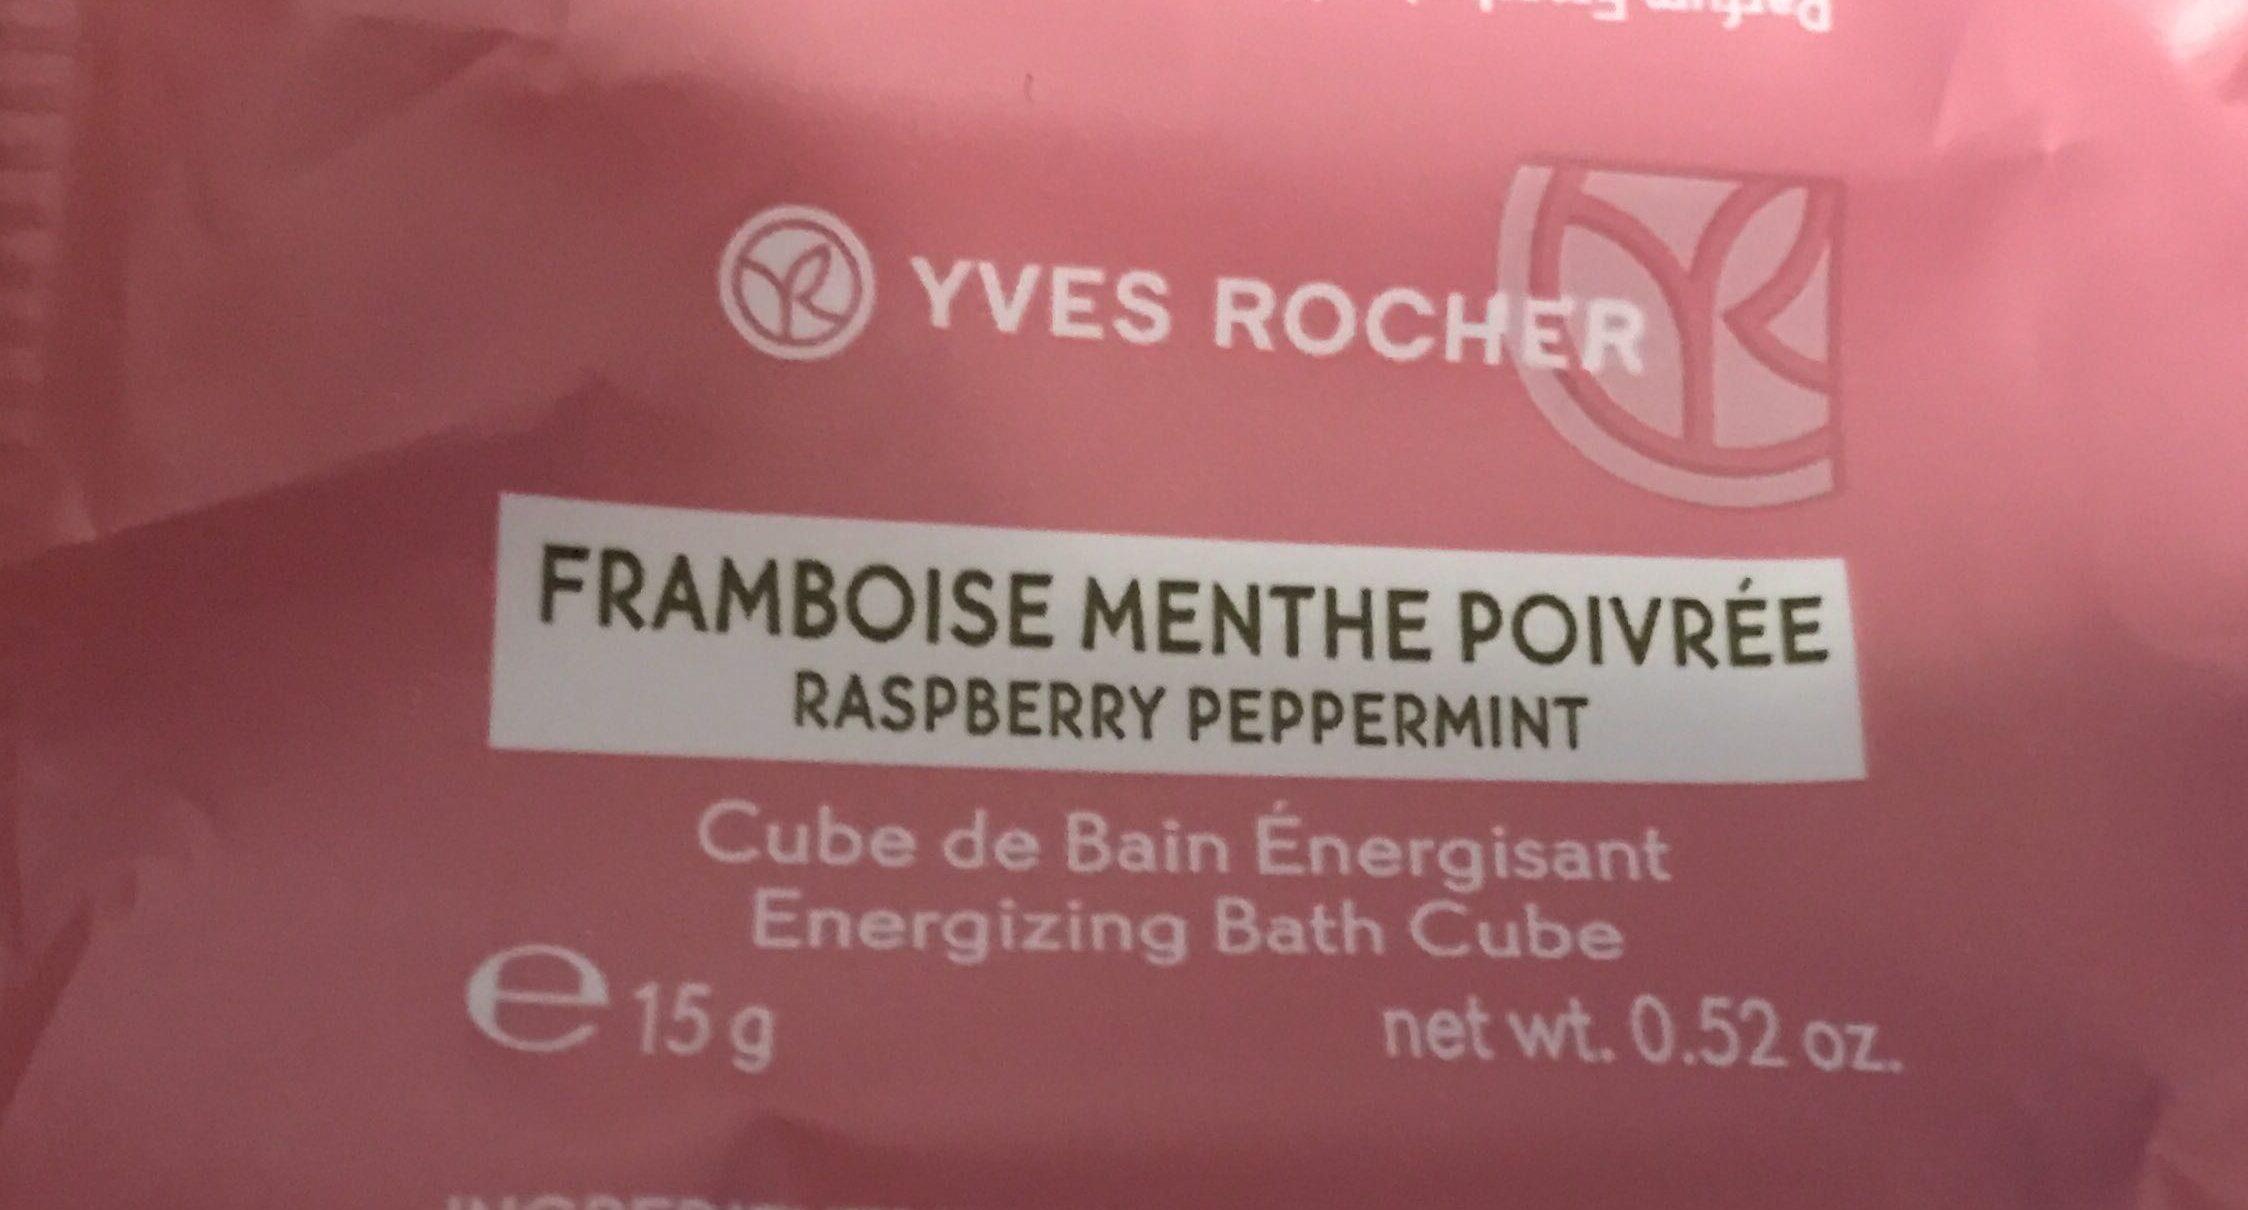 Cube de Bain énergisant Framboise Menthe poivrée - Product